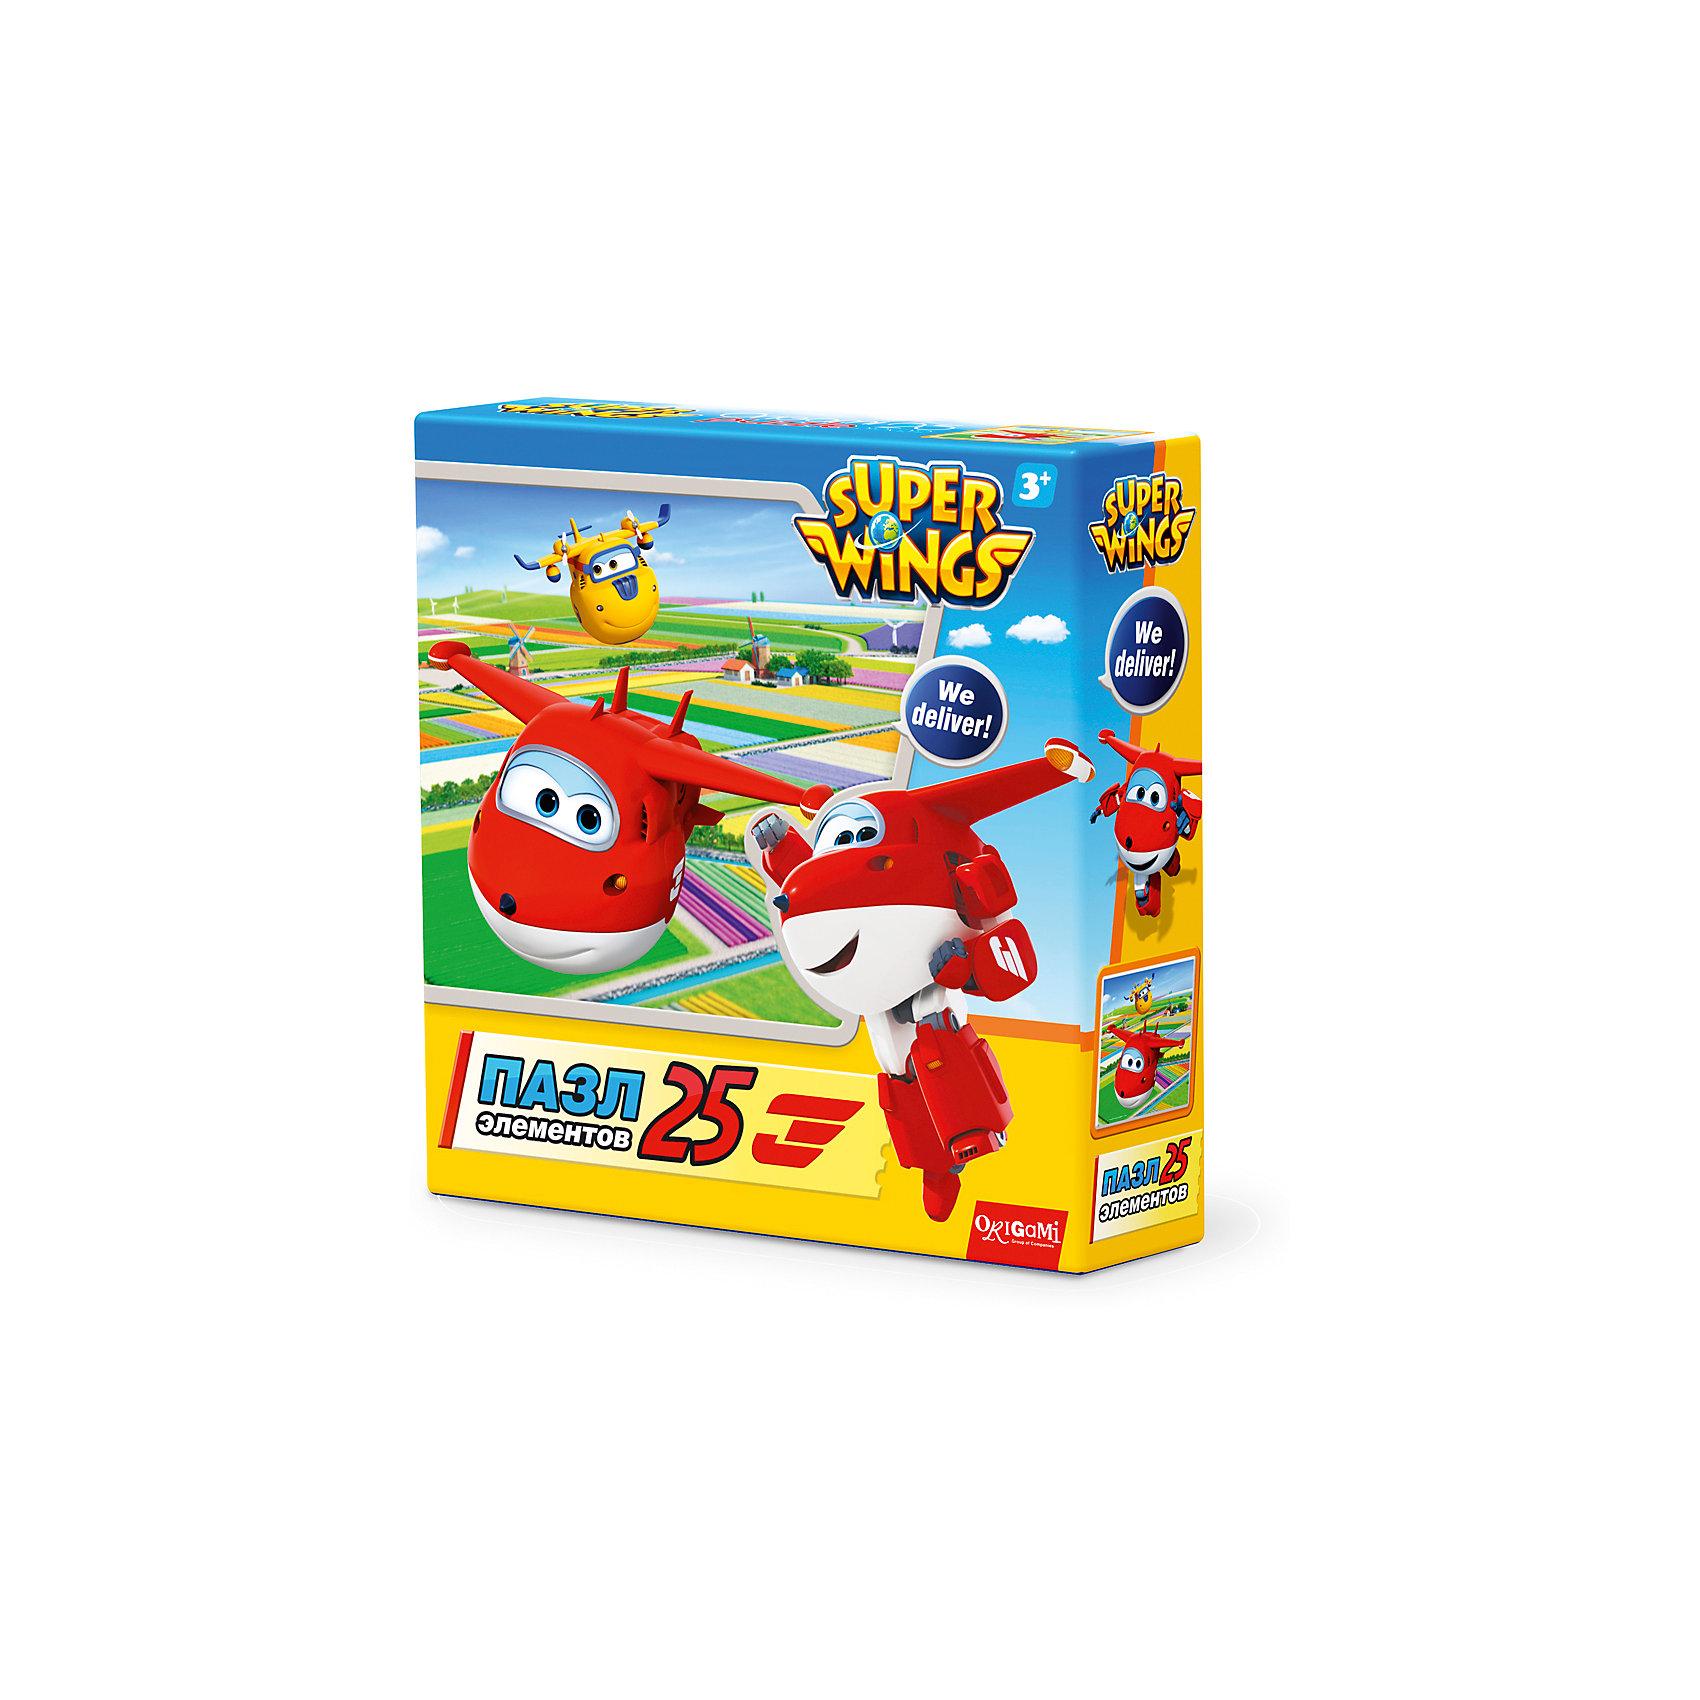 Пазл Голландские тюльпаны, Super Wings, OrigamiПазлы для малышей<br>Пазл Голландские тюльпаны, Super Wings, Origami<br><br>Характеристики:<br><br>• Количество деталей: 25 шт.<br>• Размер упаковки: 15х4,5х15 см.<br>• Размер готовой картинки: 21х21 см.<br>• Состав: картон<br>• Вес: 100 г.<br>• Для детей в возрасте: от 3 лет<br>• Страна производитель: Россия<br><br>Лицензионный пазл Супер Крылья: Джетт и его друзья с оригинальным дизайном соответствует высоким стандартам, которые подтверждены сертификатами качества. Пазл отлично собирается, благодаря чётким разделениям частей по цвету сборка этого пазла не будет сложной. Закончив сборку вы можете склеить кусочки превратив пазл в красивую картину, или можете разобрать его и снова собрать позже.<br><br>Пазл Голландские тюльпаны, Super Wings, Origami можно купить в нашем интернет-магазине.<br><br>Ширина мм: 150<br>Глубина мм: 45<br>Высота мм: 150<br>Вес г: 100<br>Возраст от месяцев: 36<br>Возраст до месяцев: 72<br>Пол: Унисекс<br>Возраст: Детский<br>SKU: 5528426